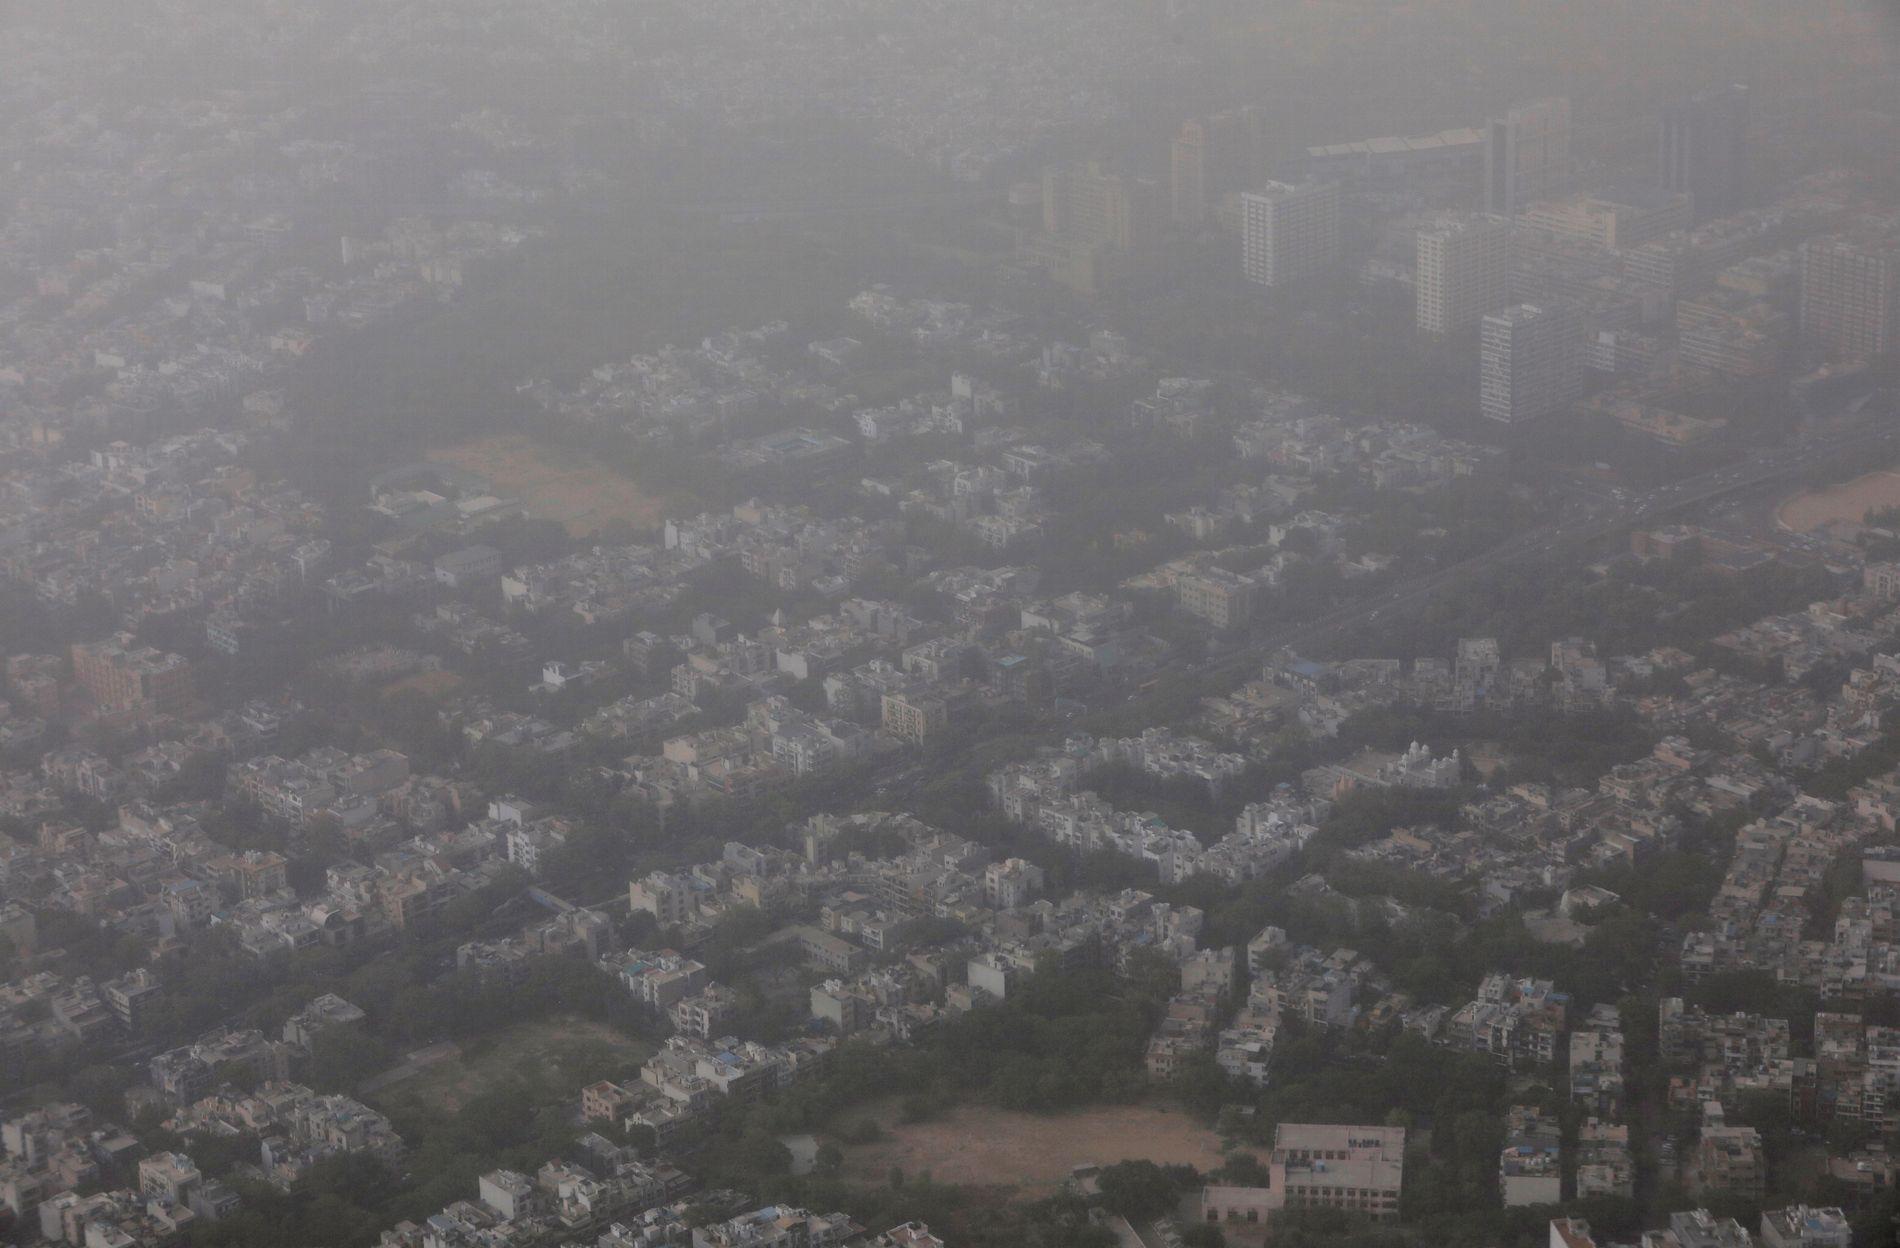 TÅKELAGT: Omtrent hele Delhi-området er dekket av tåke og støv. Dette bildet ble tatt i utkanten av hovedstaden New Delhi torsdag.